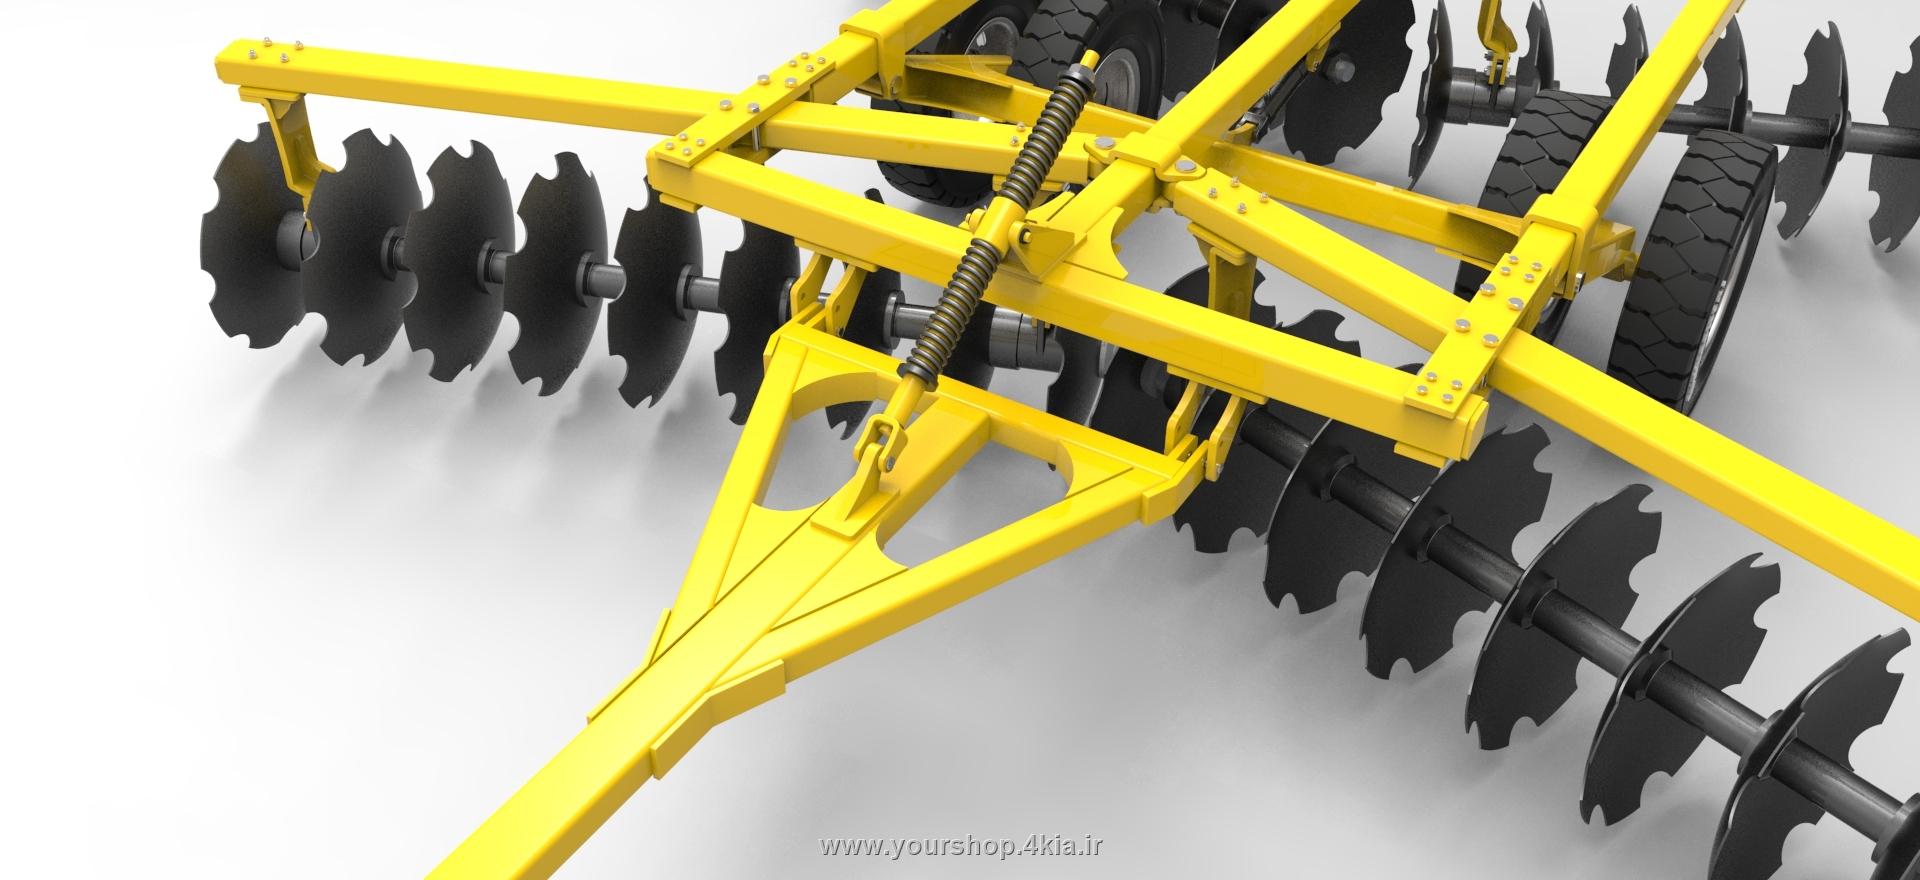 دیسک هارو ، طراحی دیسک هارو در سالیدورک ، مهندسی ماشین های کشاورزی ، آموزش سالیدورک